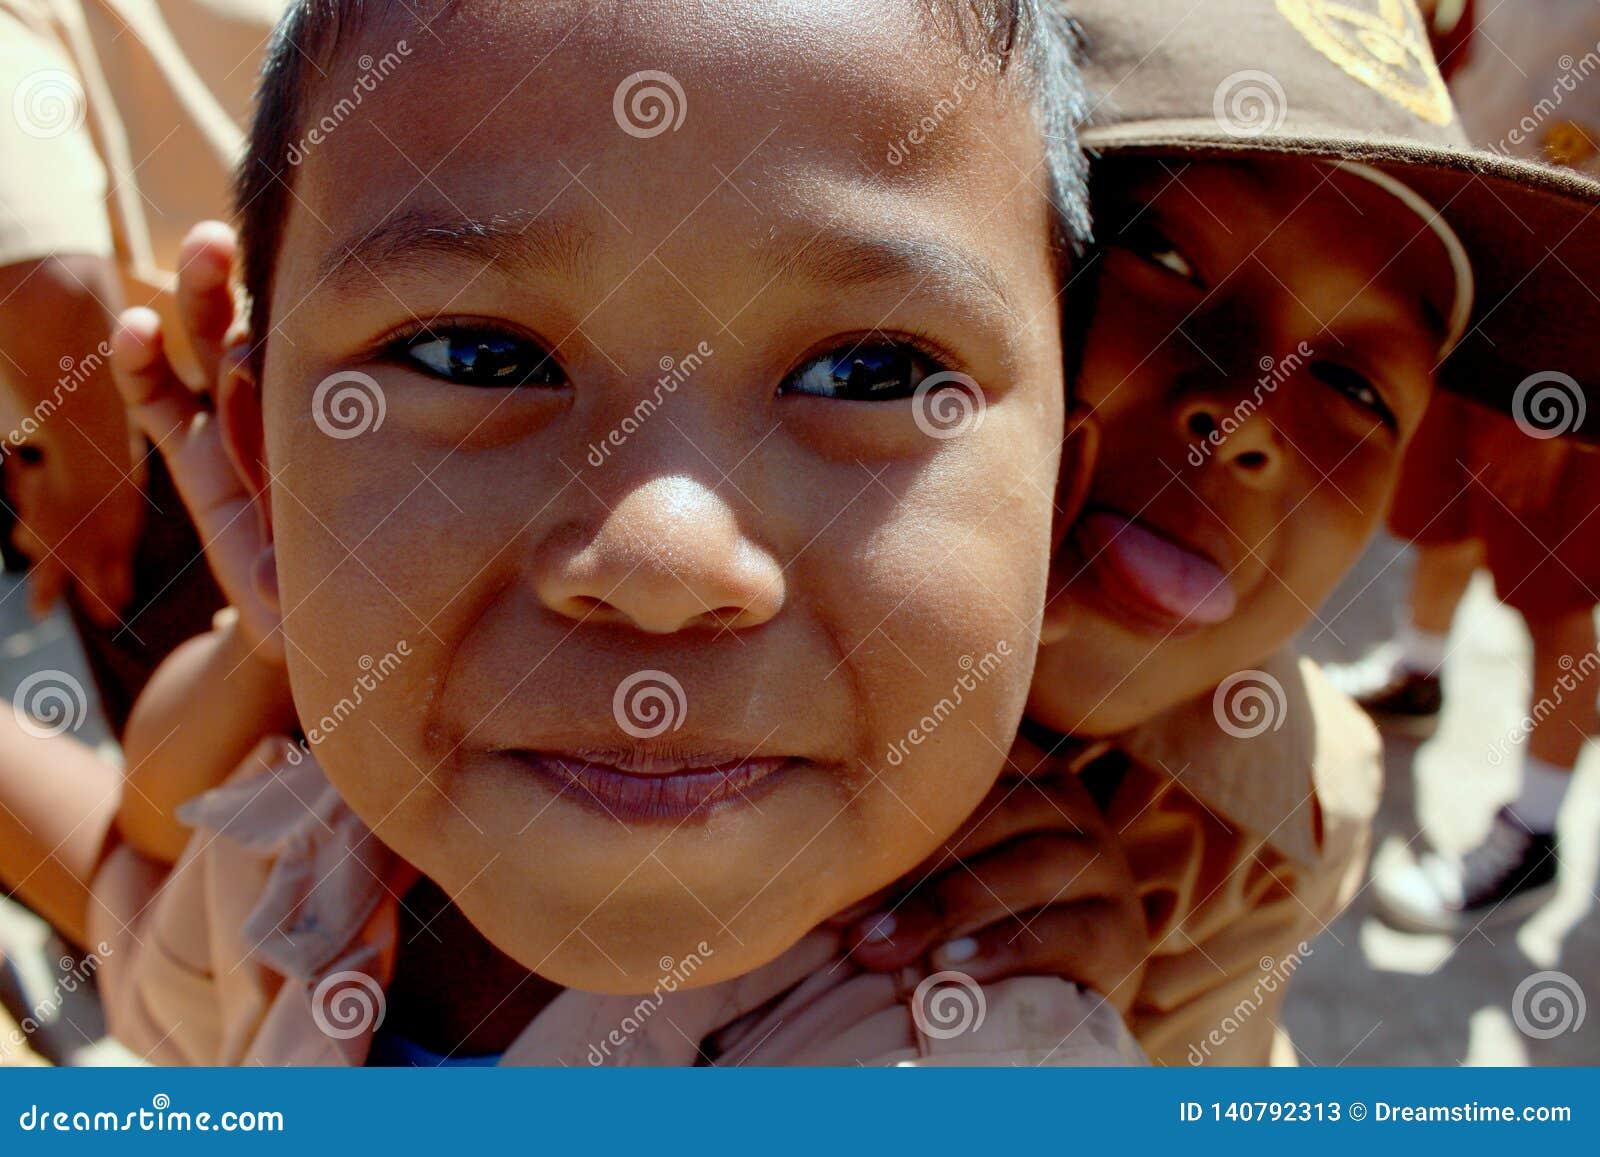 Gelukkig kind dicht omhooggaand Indonesië